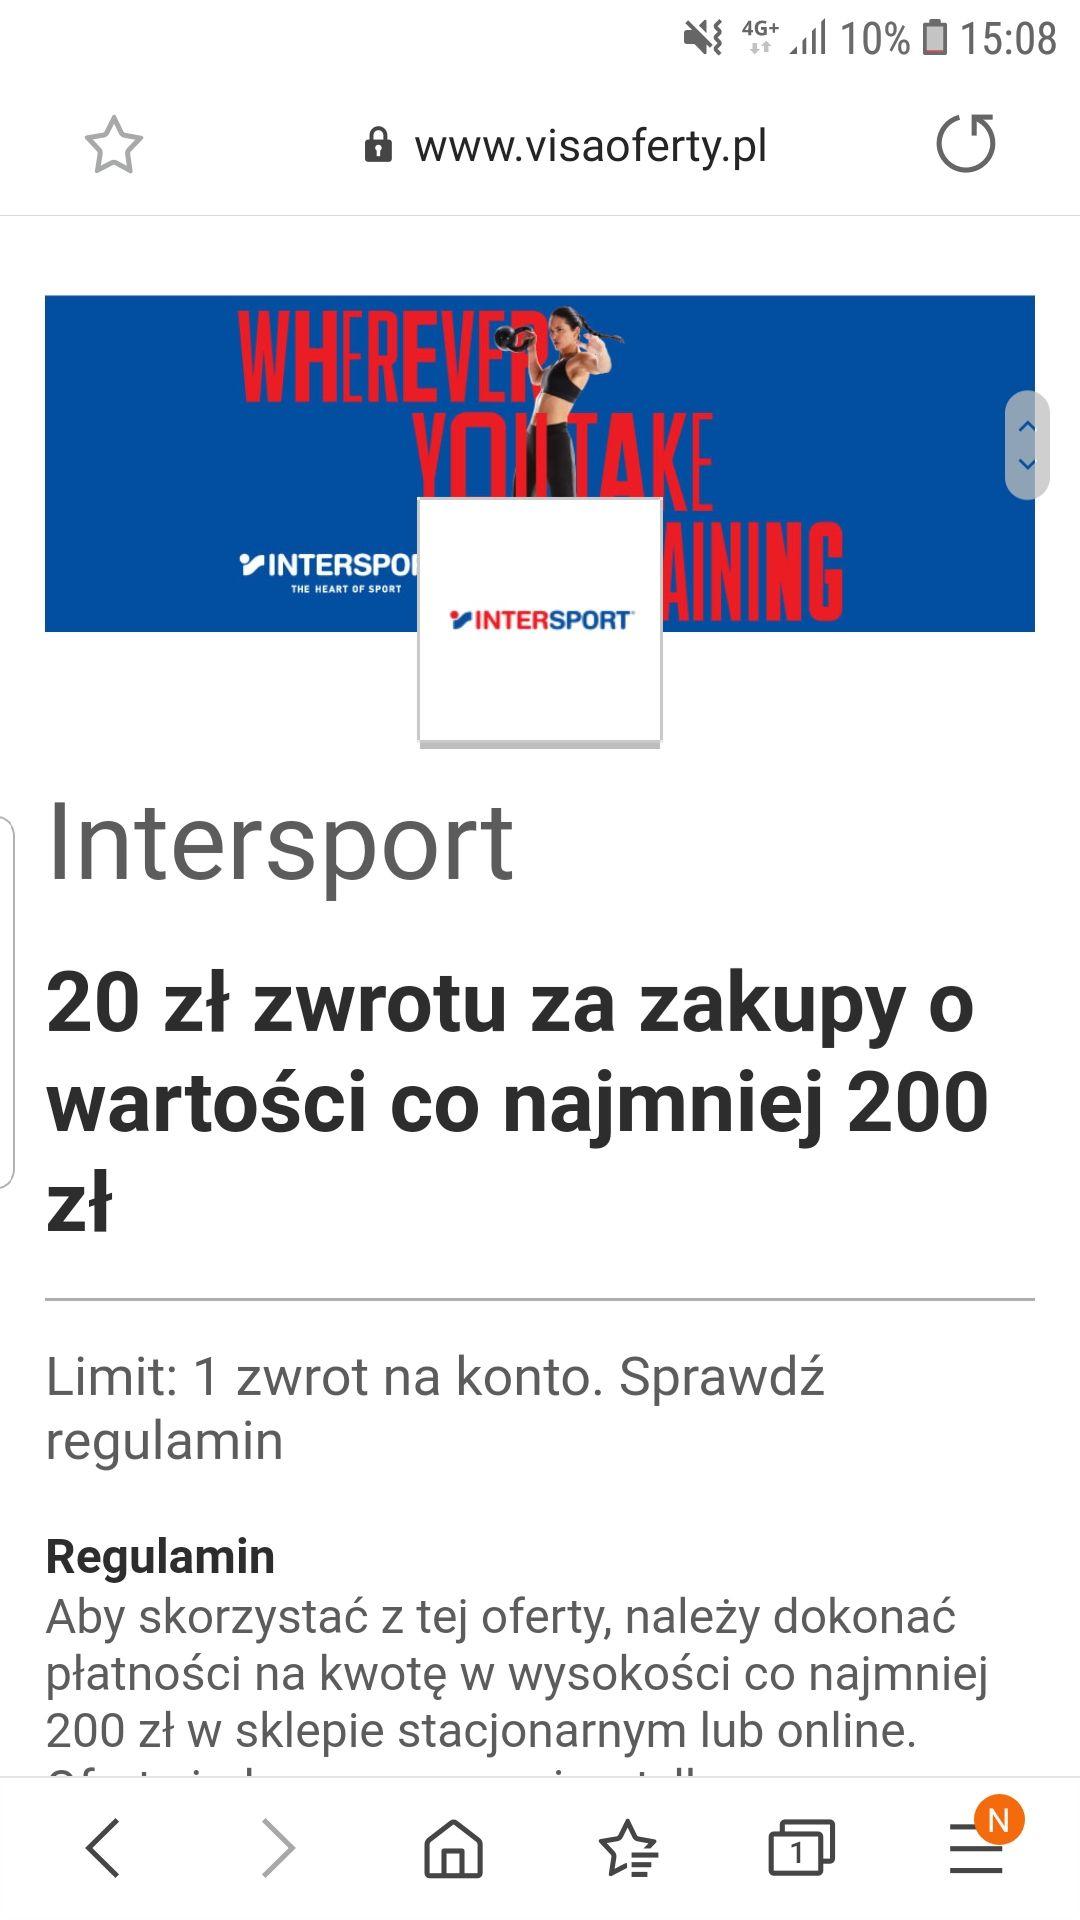 20 zł zwrotu za zakupy o wartości co najmniej 200 zł Intersport